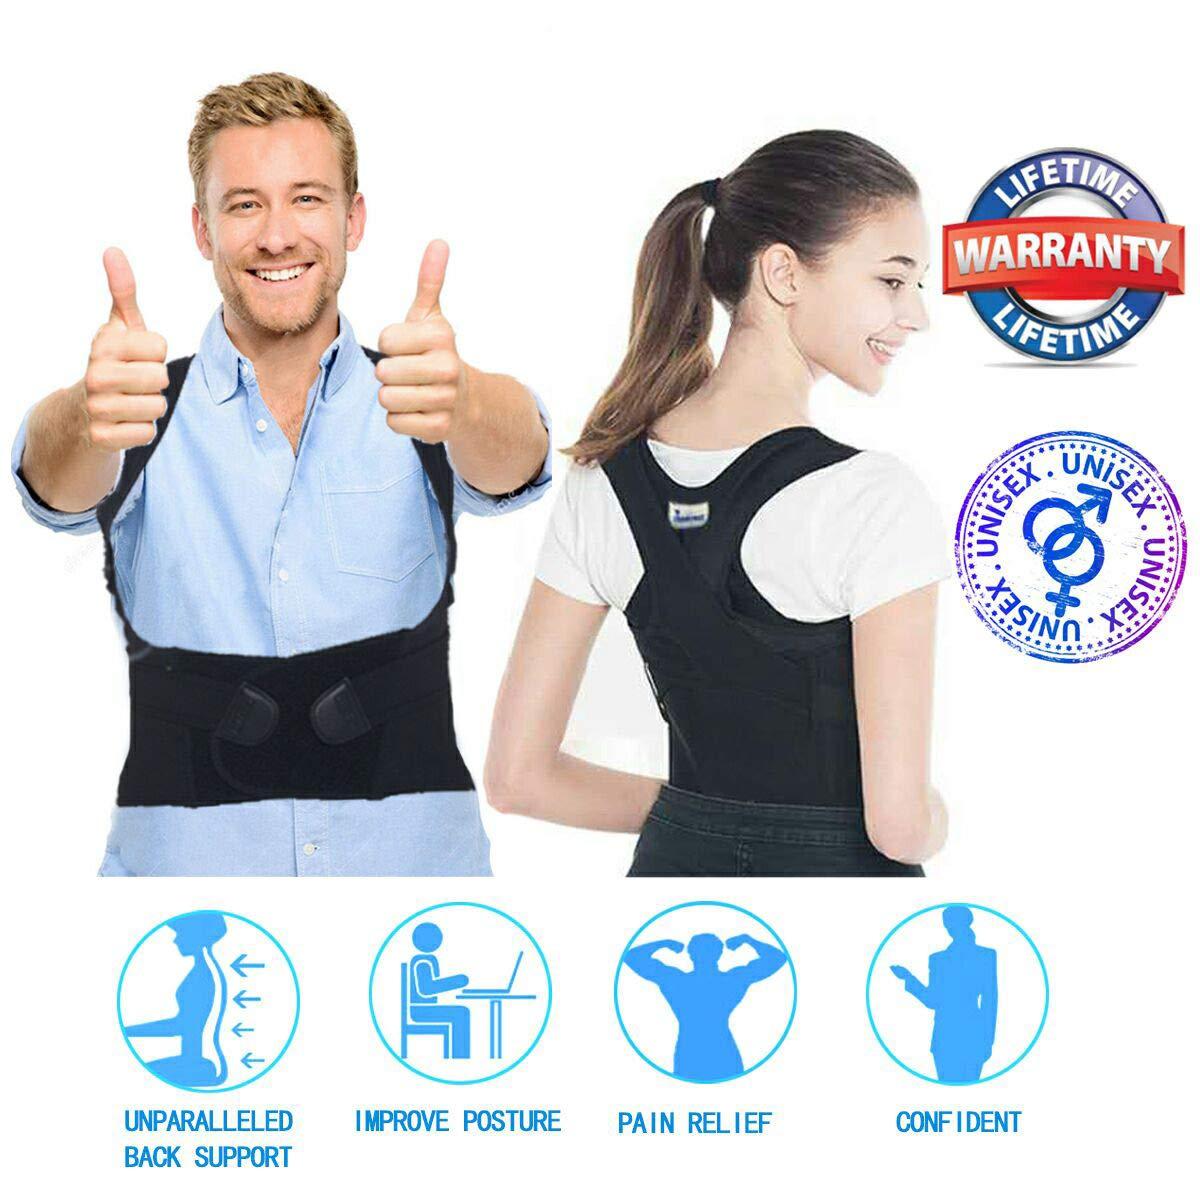 姿勢がブレース女性のメンズボトムス - 姿勢支持ベルト -   - ハイジャンプ姿勢バックサポートブレースを上に調整することができ鎖骨サポートあるKyphosis胸部サポートトレーナー - ザトウクジラ補正ベルト05.posture補正